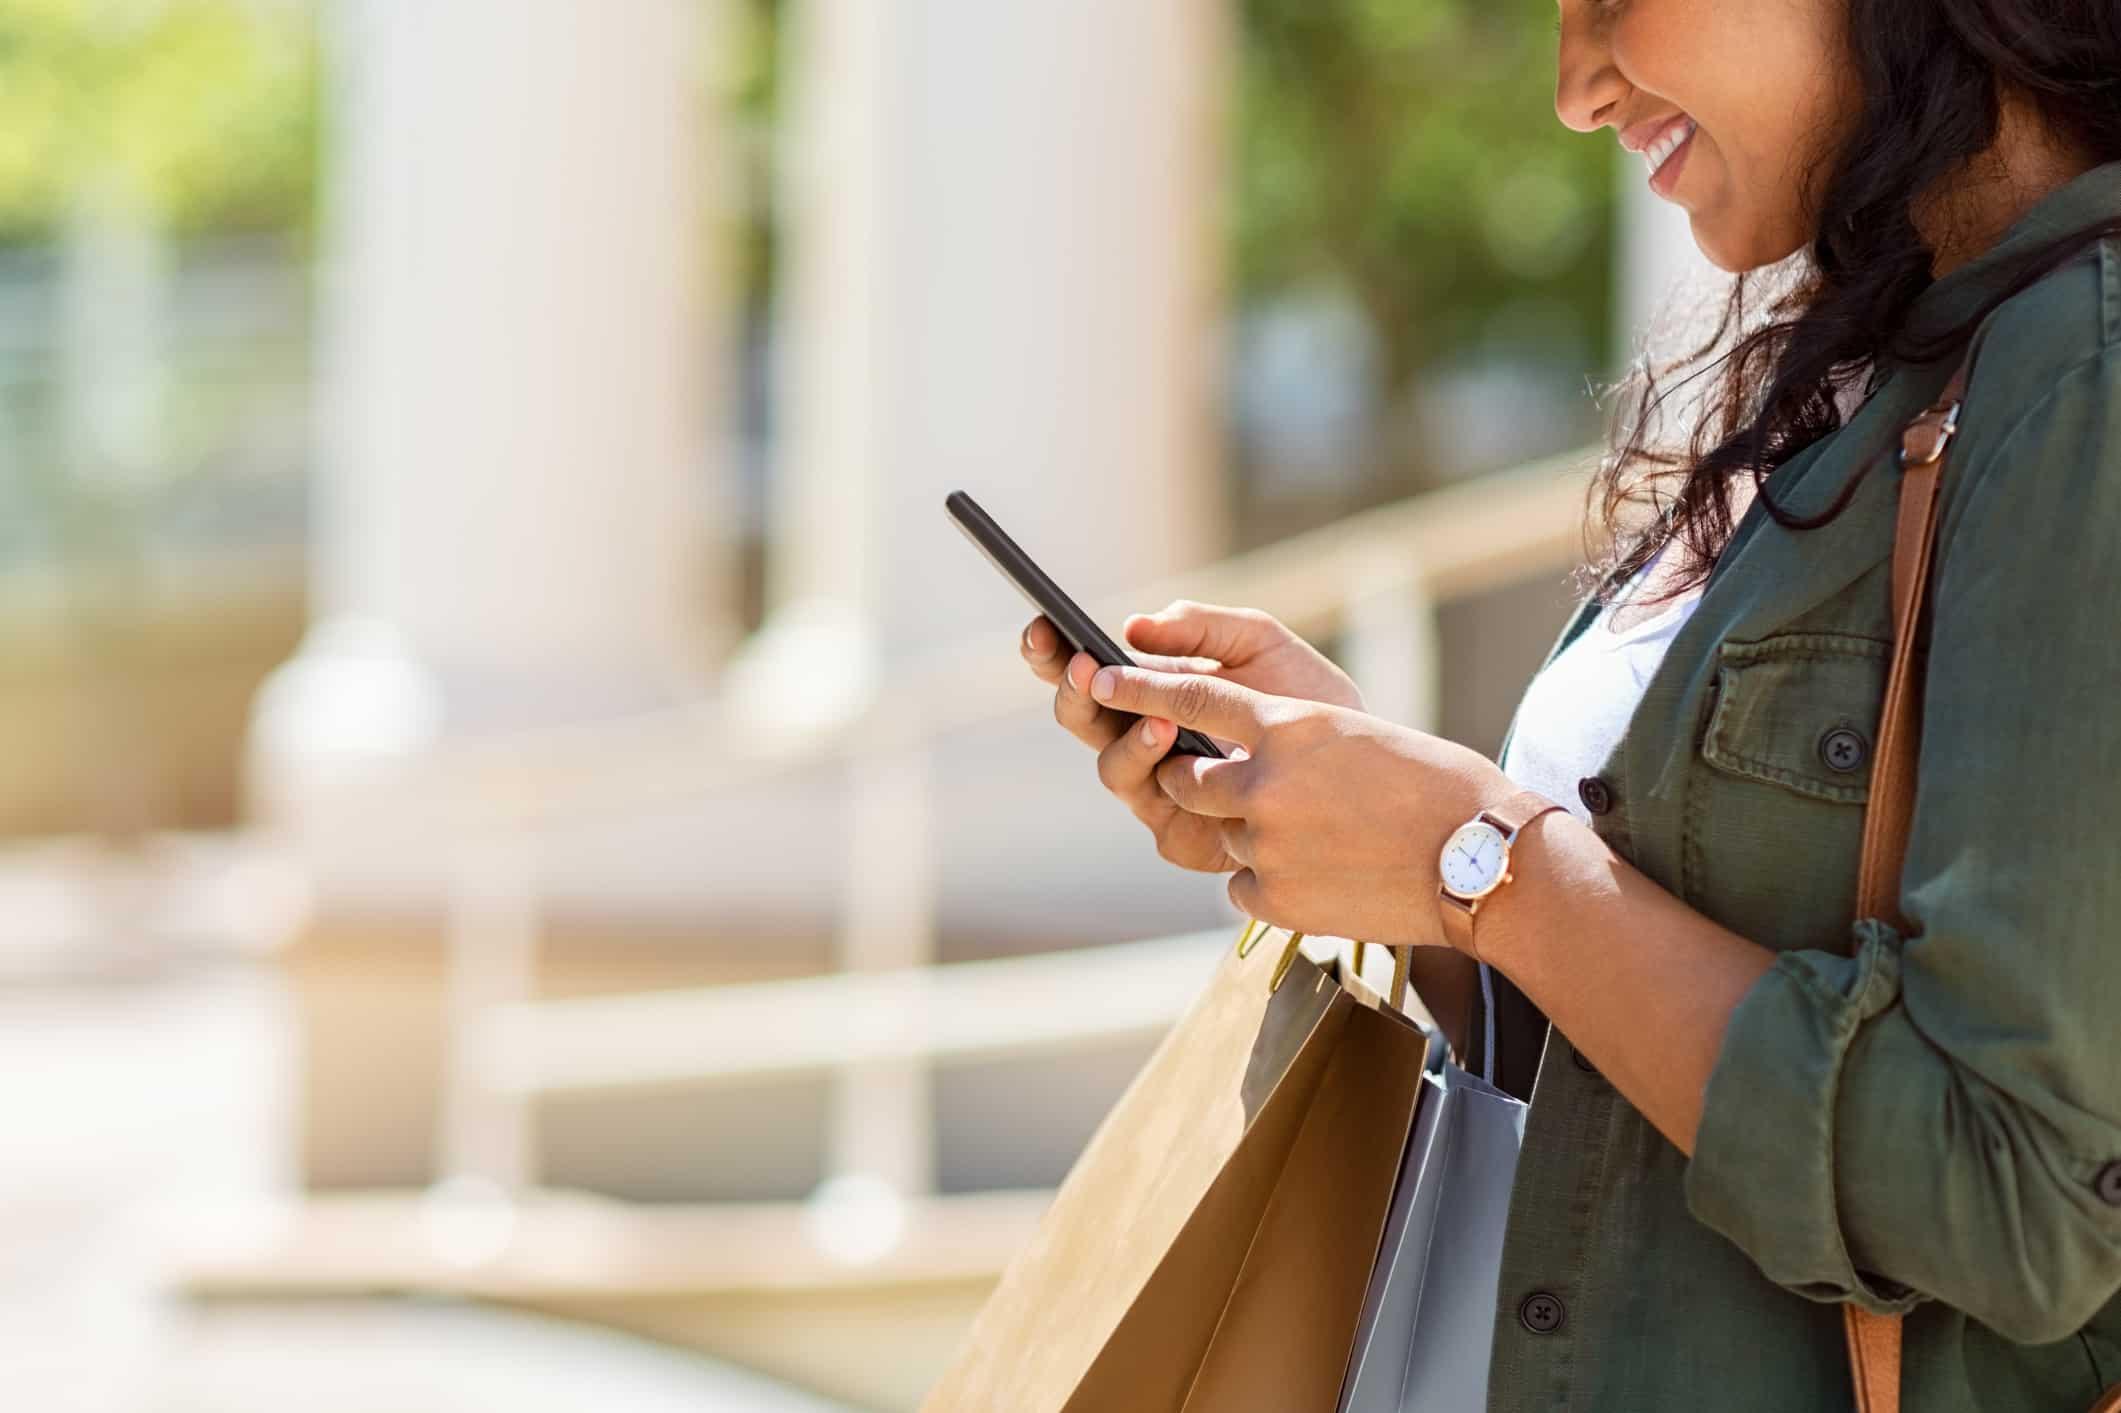 StatSocial Consumer Data